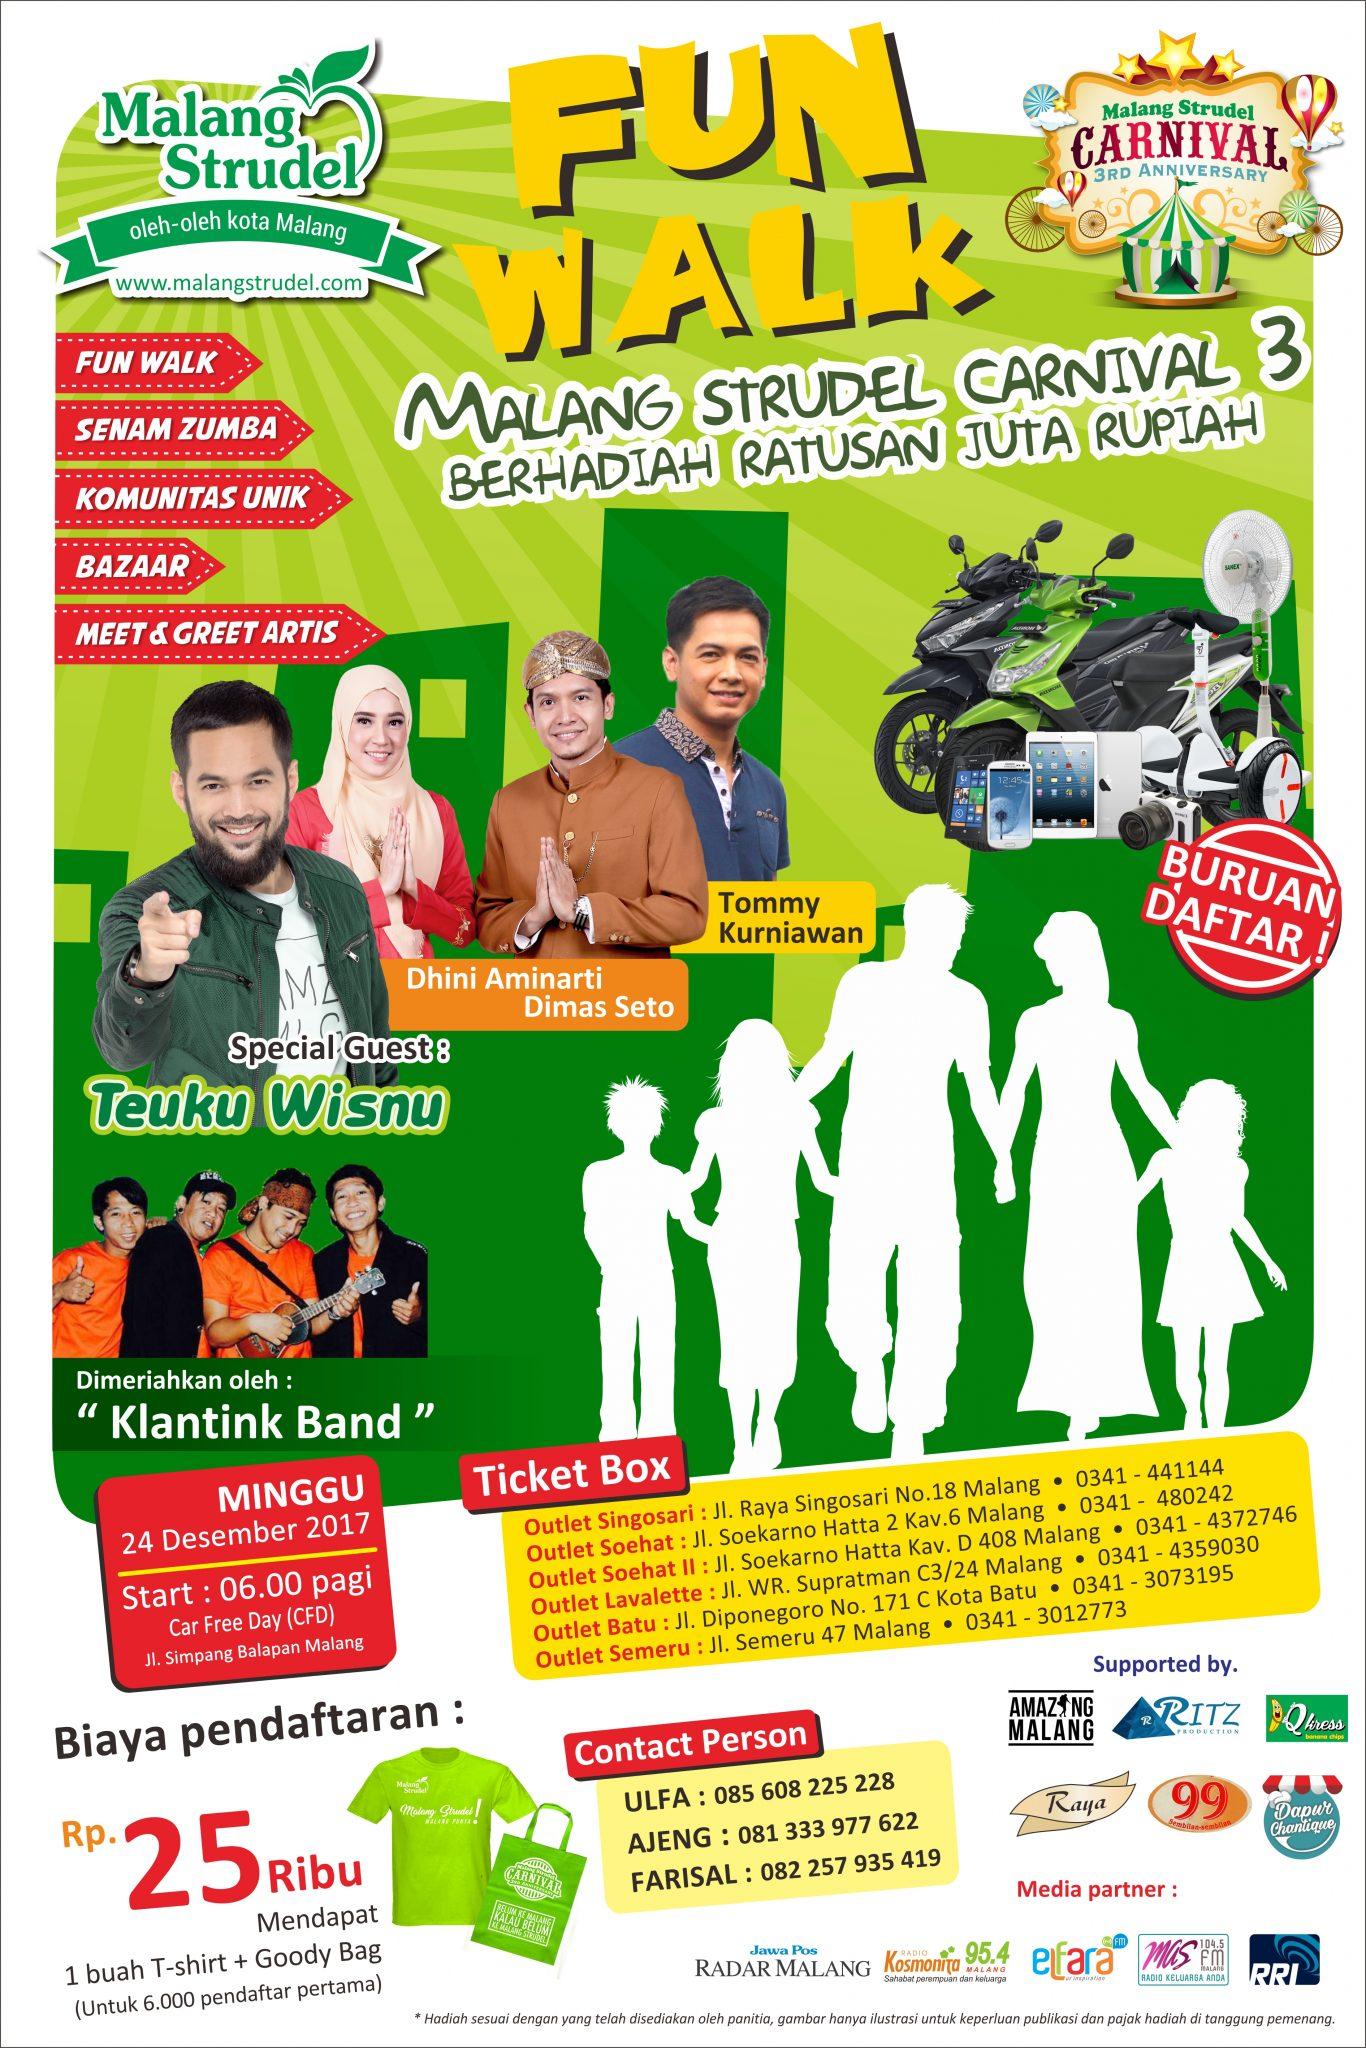 Funwalk Malang Strudel Carnival 3, Bertabur Artis dan Ratusan Juta Rupiah!